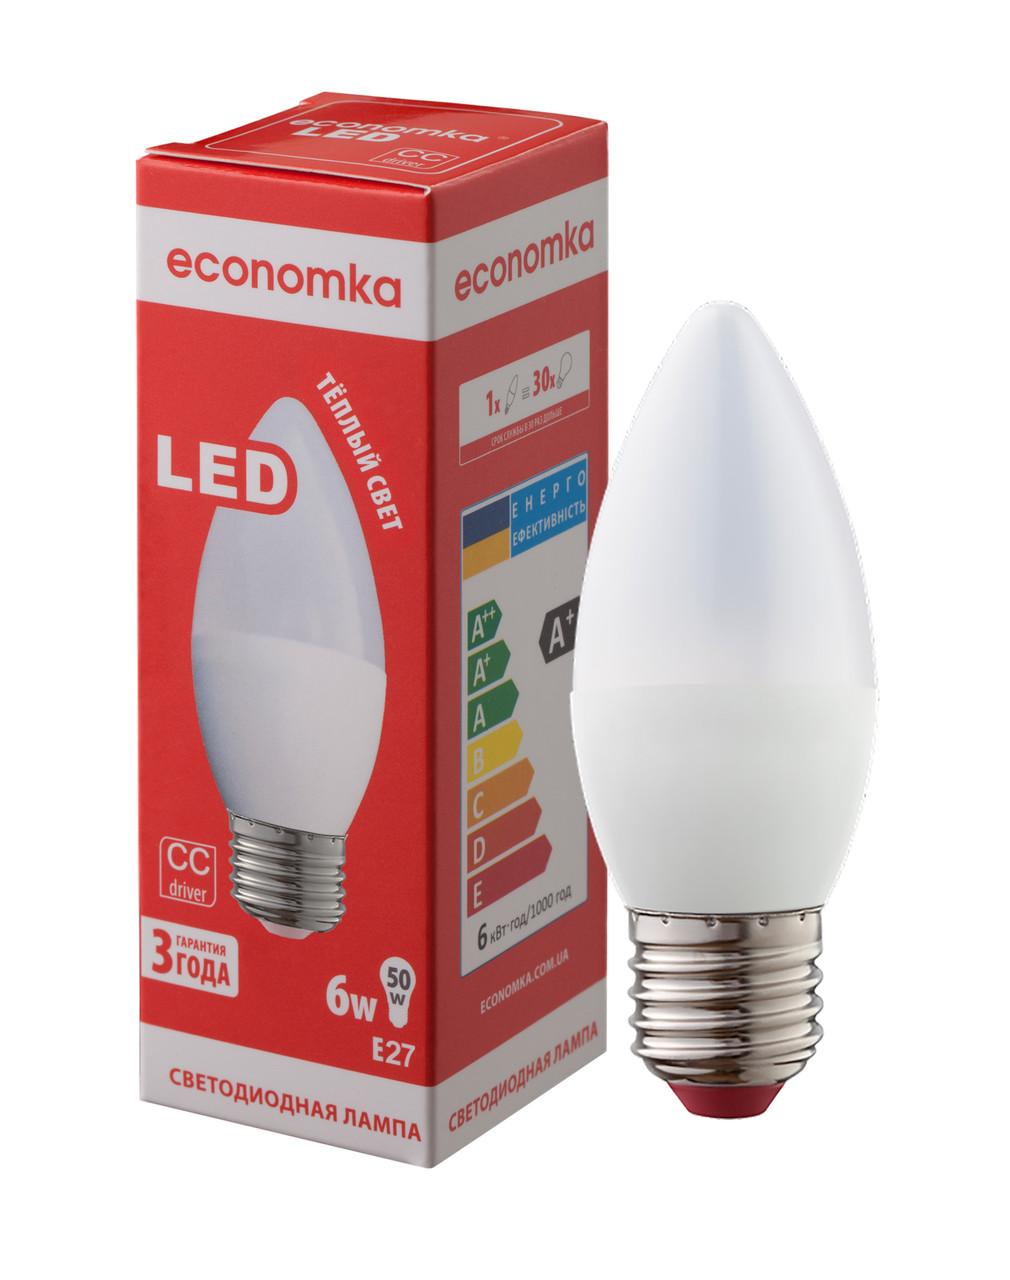 Светодиодная лампа Economka LED CN 6W E27-2800К